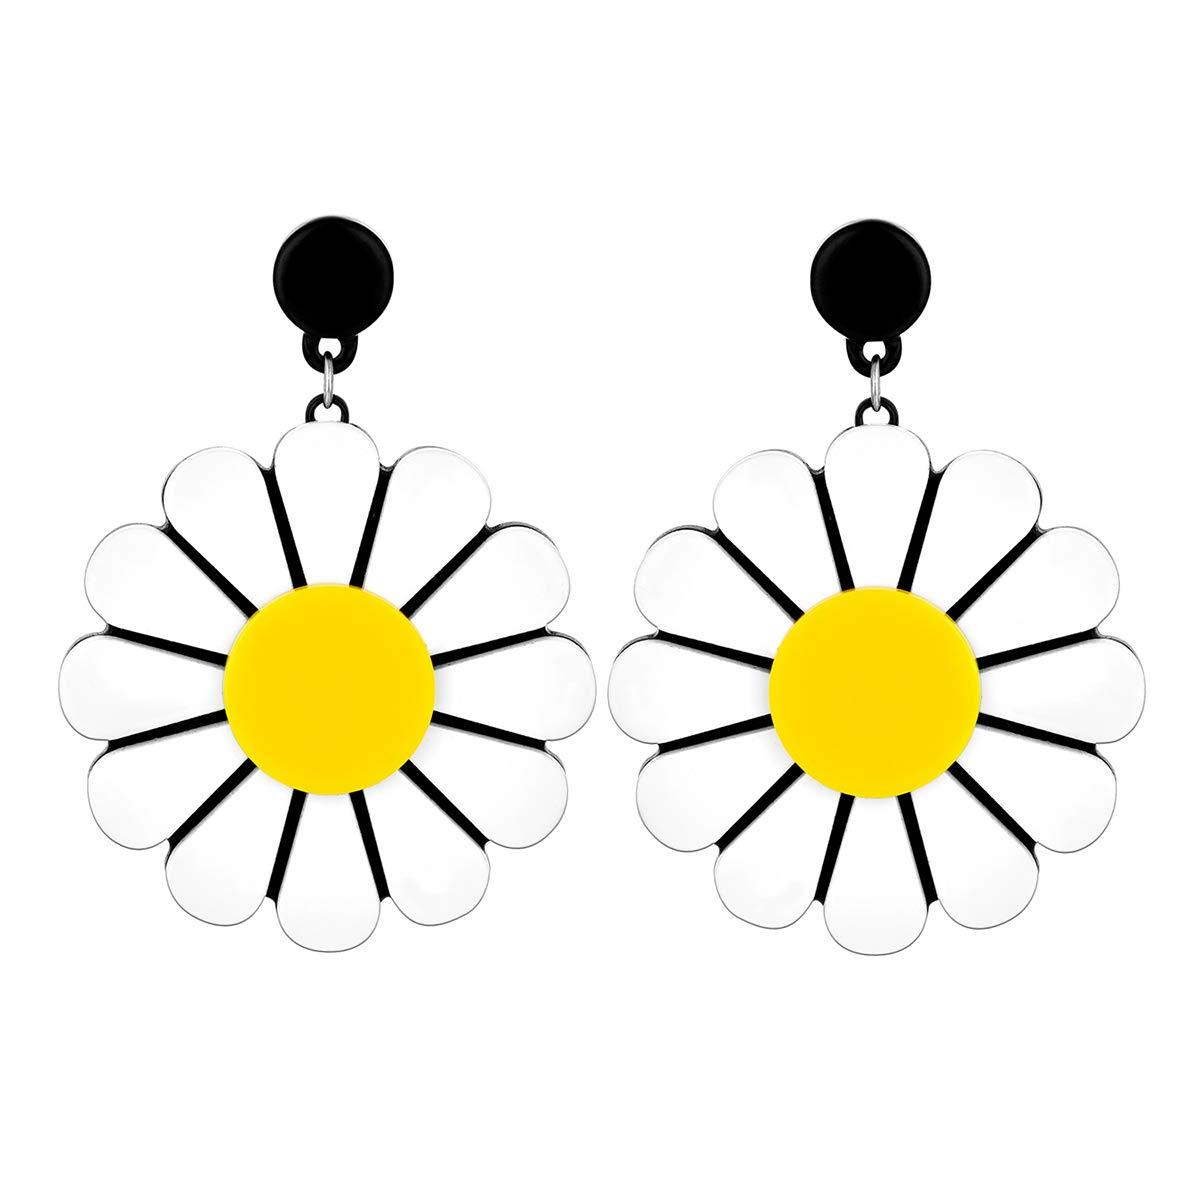 Starchenie Fashion Acrylic Daisy Flower Dangle Earrings for Piercing Ears Women Drop Earrings Gift for Women Girls